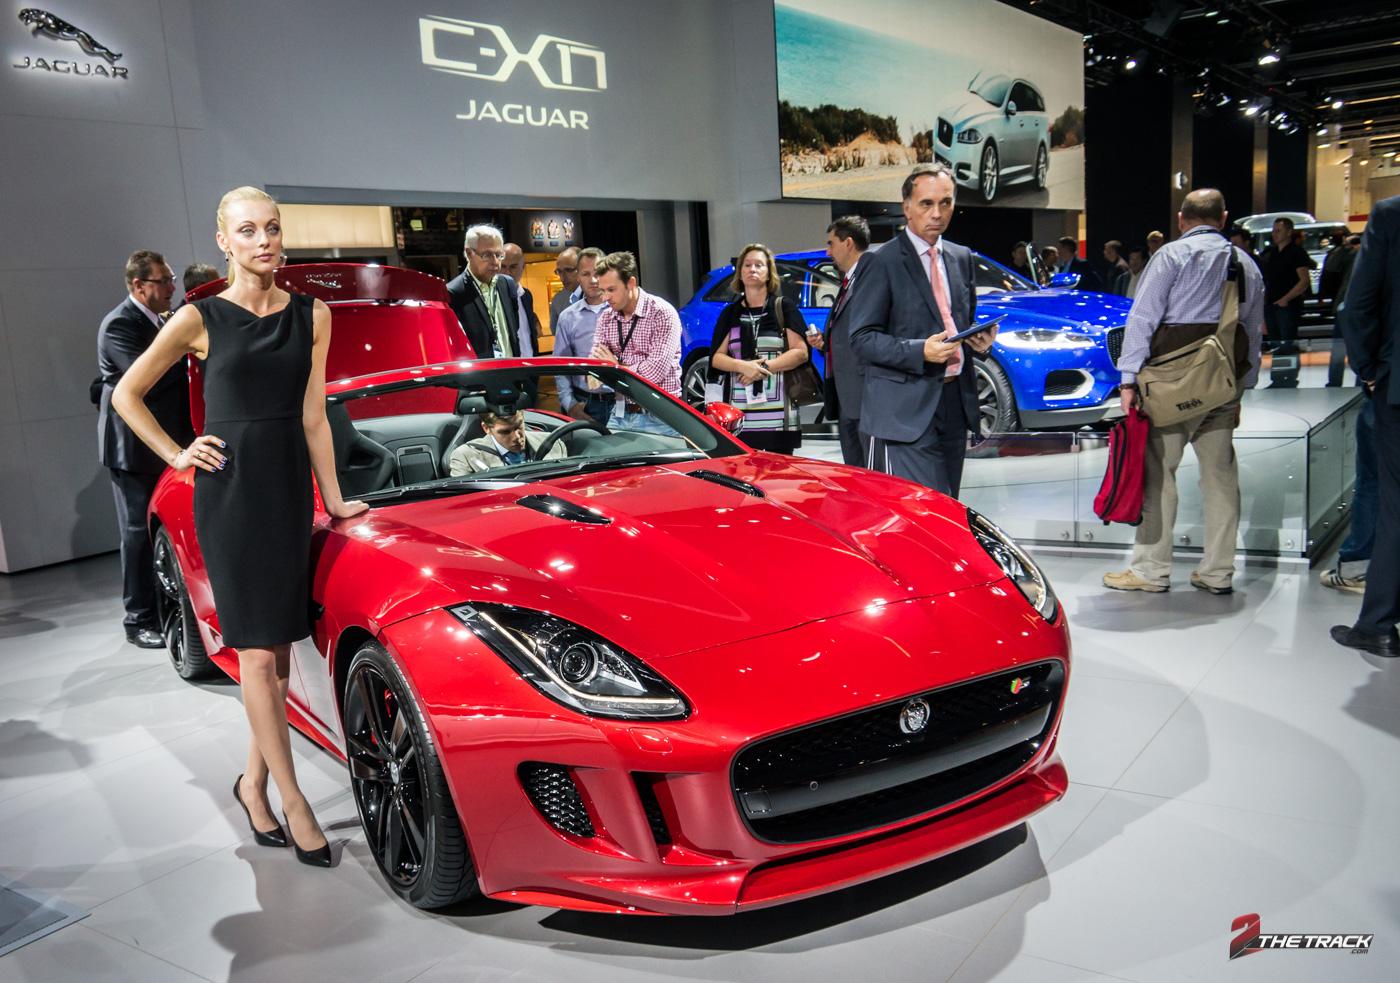 Dankzij de nieuwe F-Type kan niemand meer om het moderne Jaguar heen. Het Crossover SUV model F-Pace, laat waarschijnlijk nog even op zich wachten.